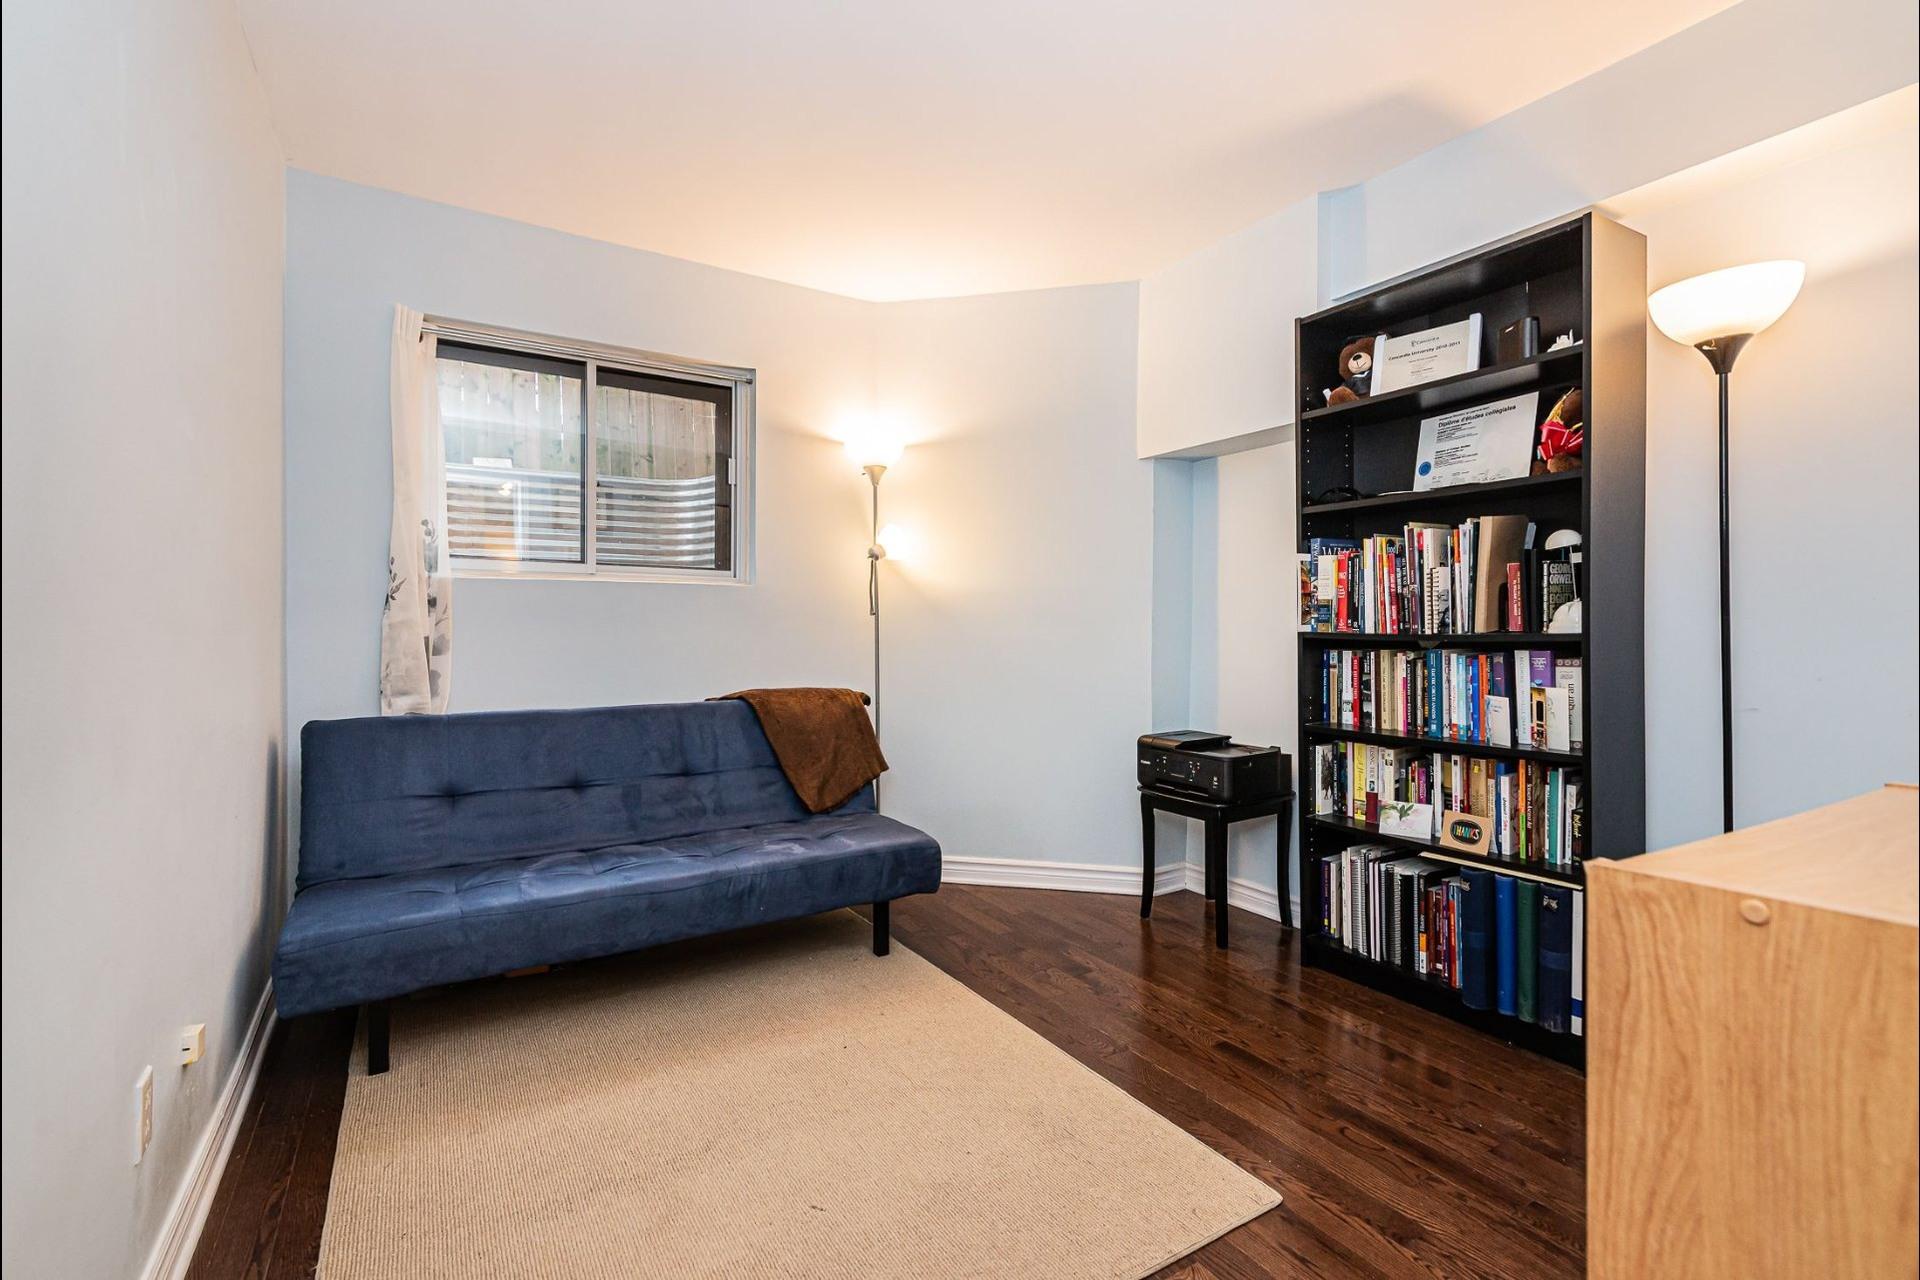 image 16 - Appartement À vendre Ville-Marie Montréal  - 6 pièces